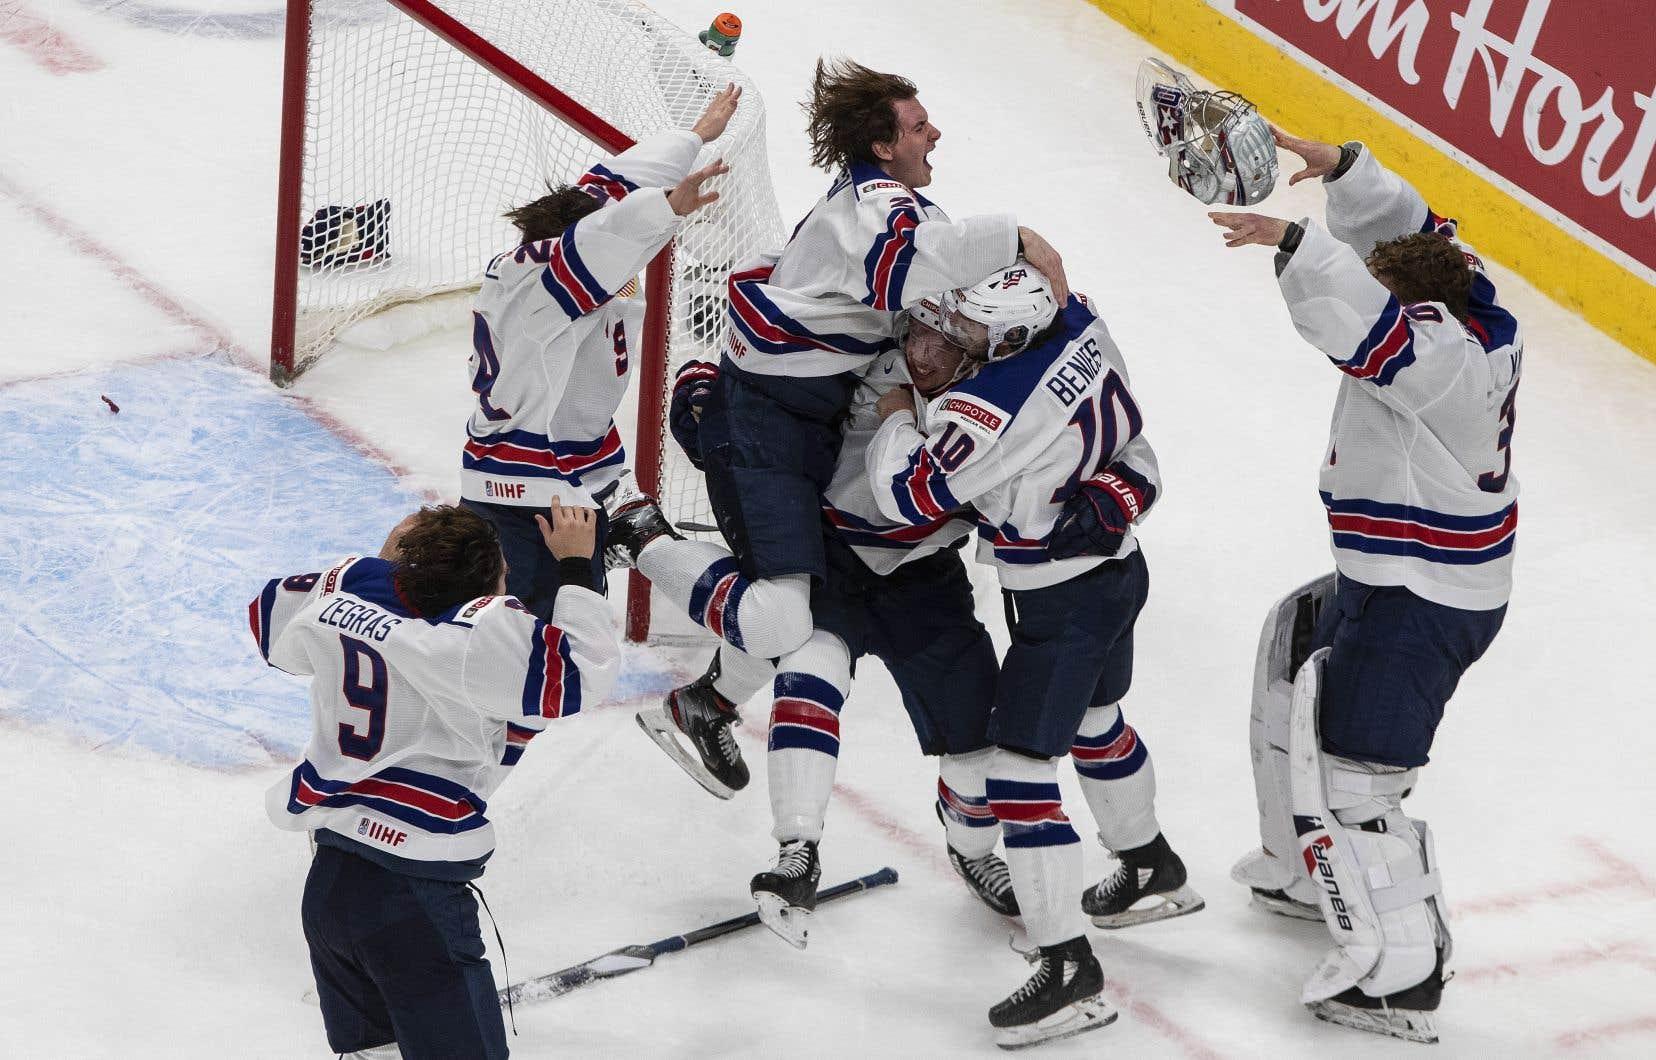 Les États-Unis, équipe gagnante du Championnat mondial de hockey junior